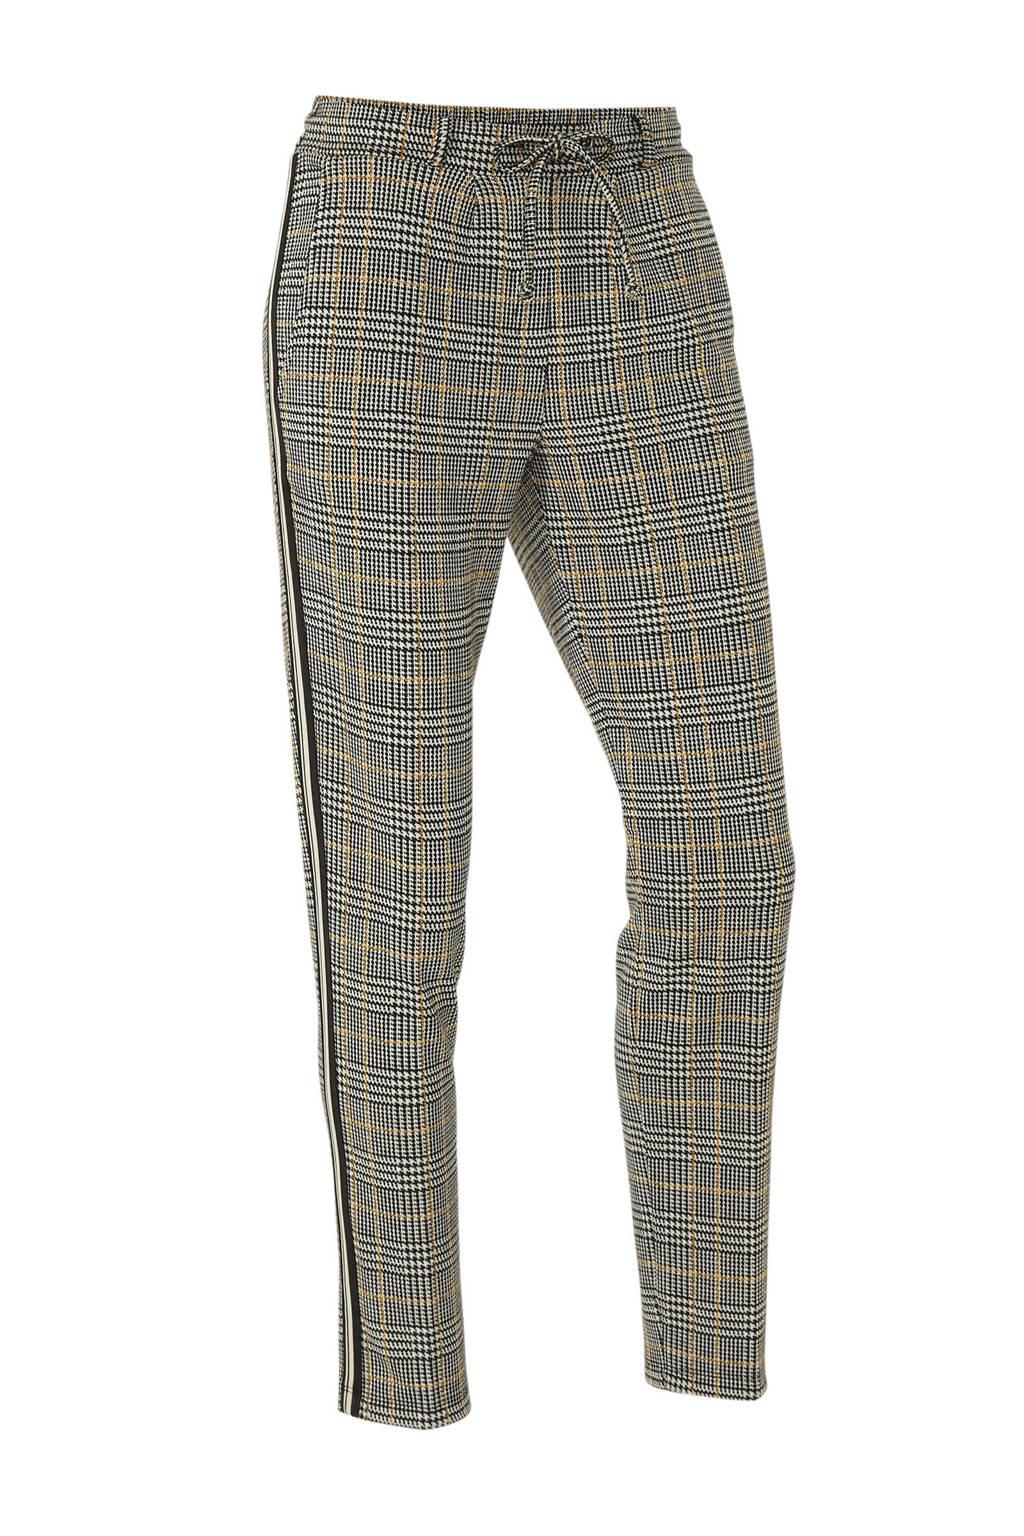 Tom Tailor geruite slim fit broek met zijstreep zwart/wit, Zwart/wit